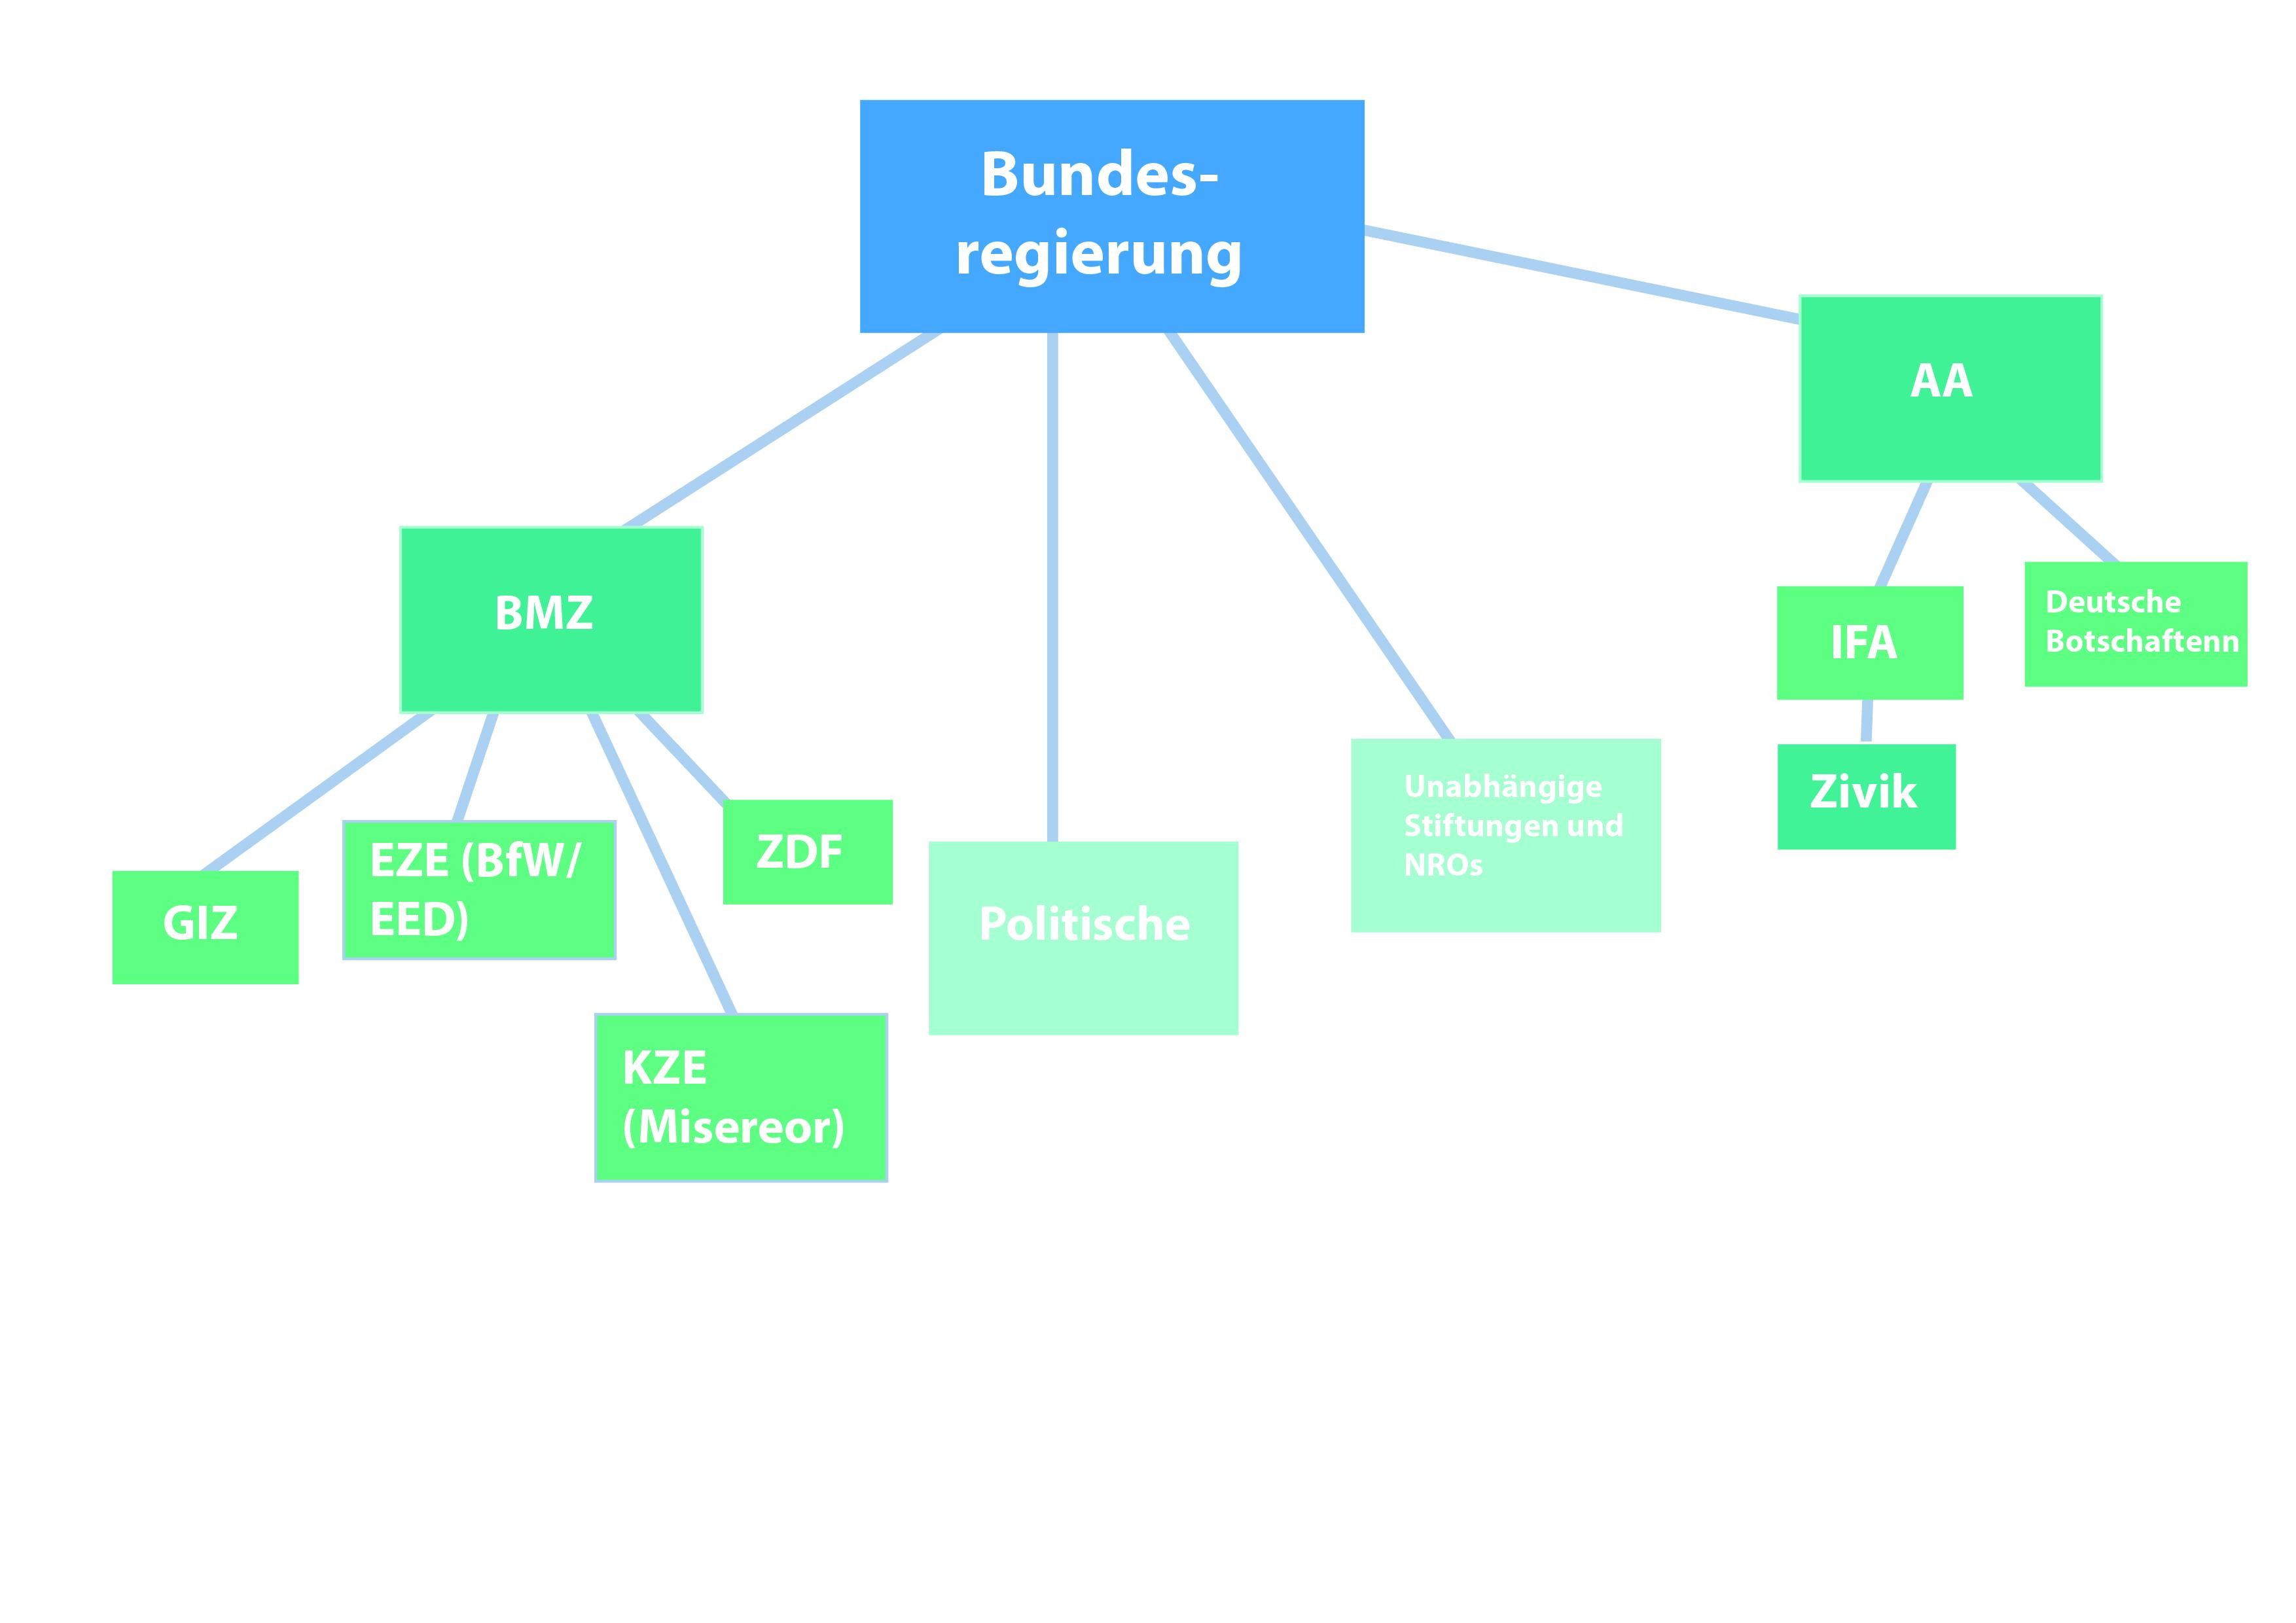 Bundesdeutsche finanzierungskanäle für zivilgesellschaften